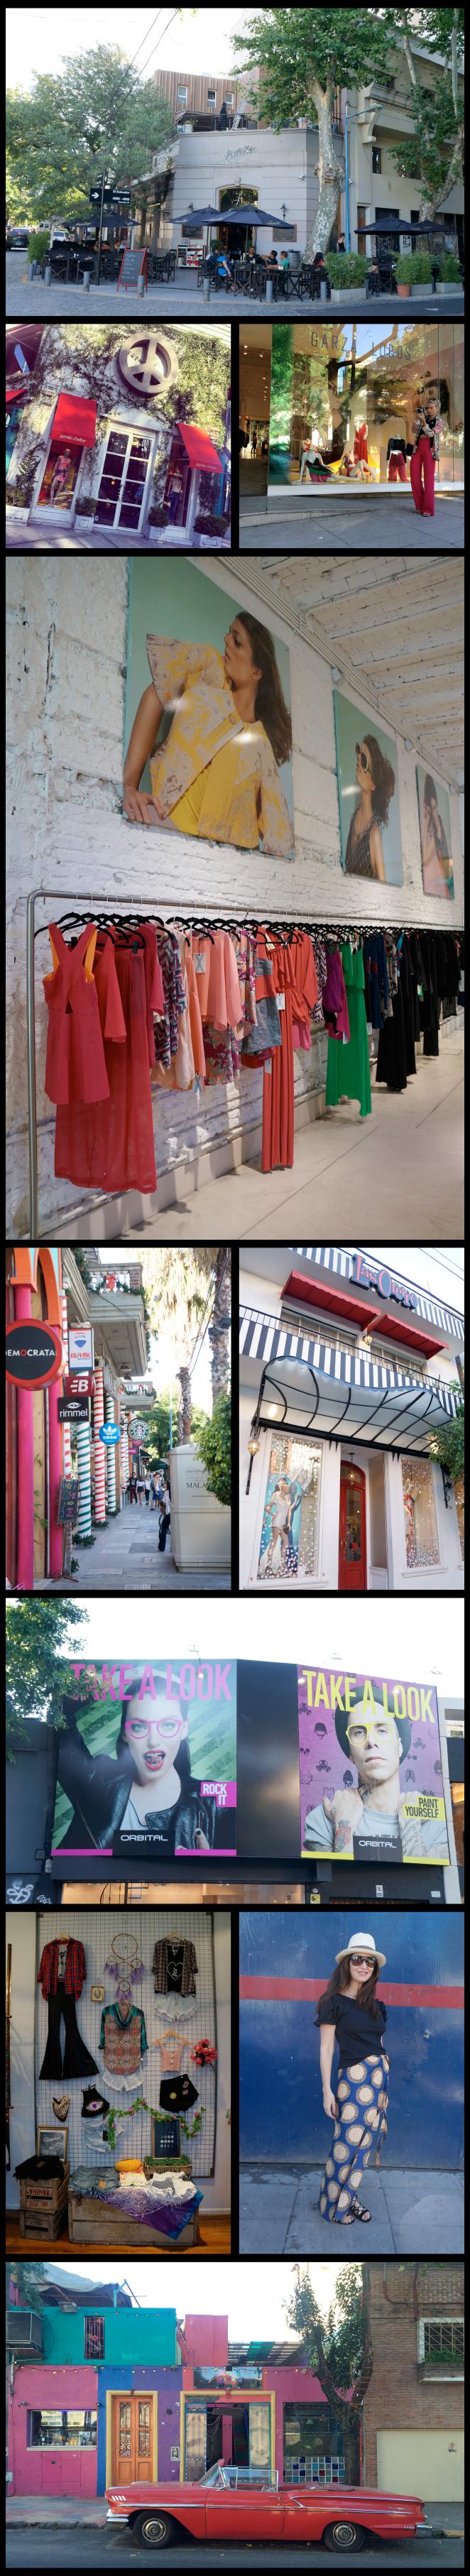 Aquí es imprescindible visitar las tiendas de la diseñadora argentina Jazmin Chebar, Garza Lobos y también Ginebra, la tienda de Micaela Tinelli, hija del famoso presentador Marcelo Tinelli!!!